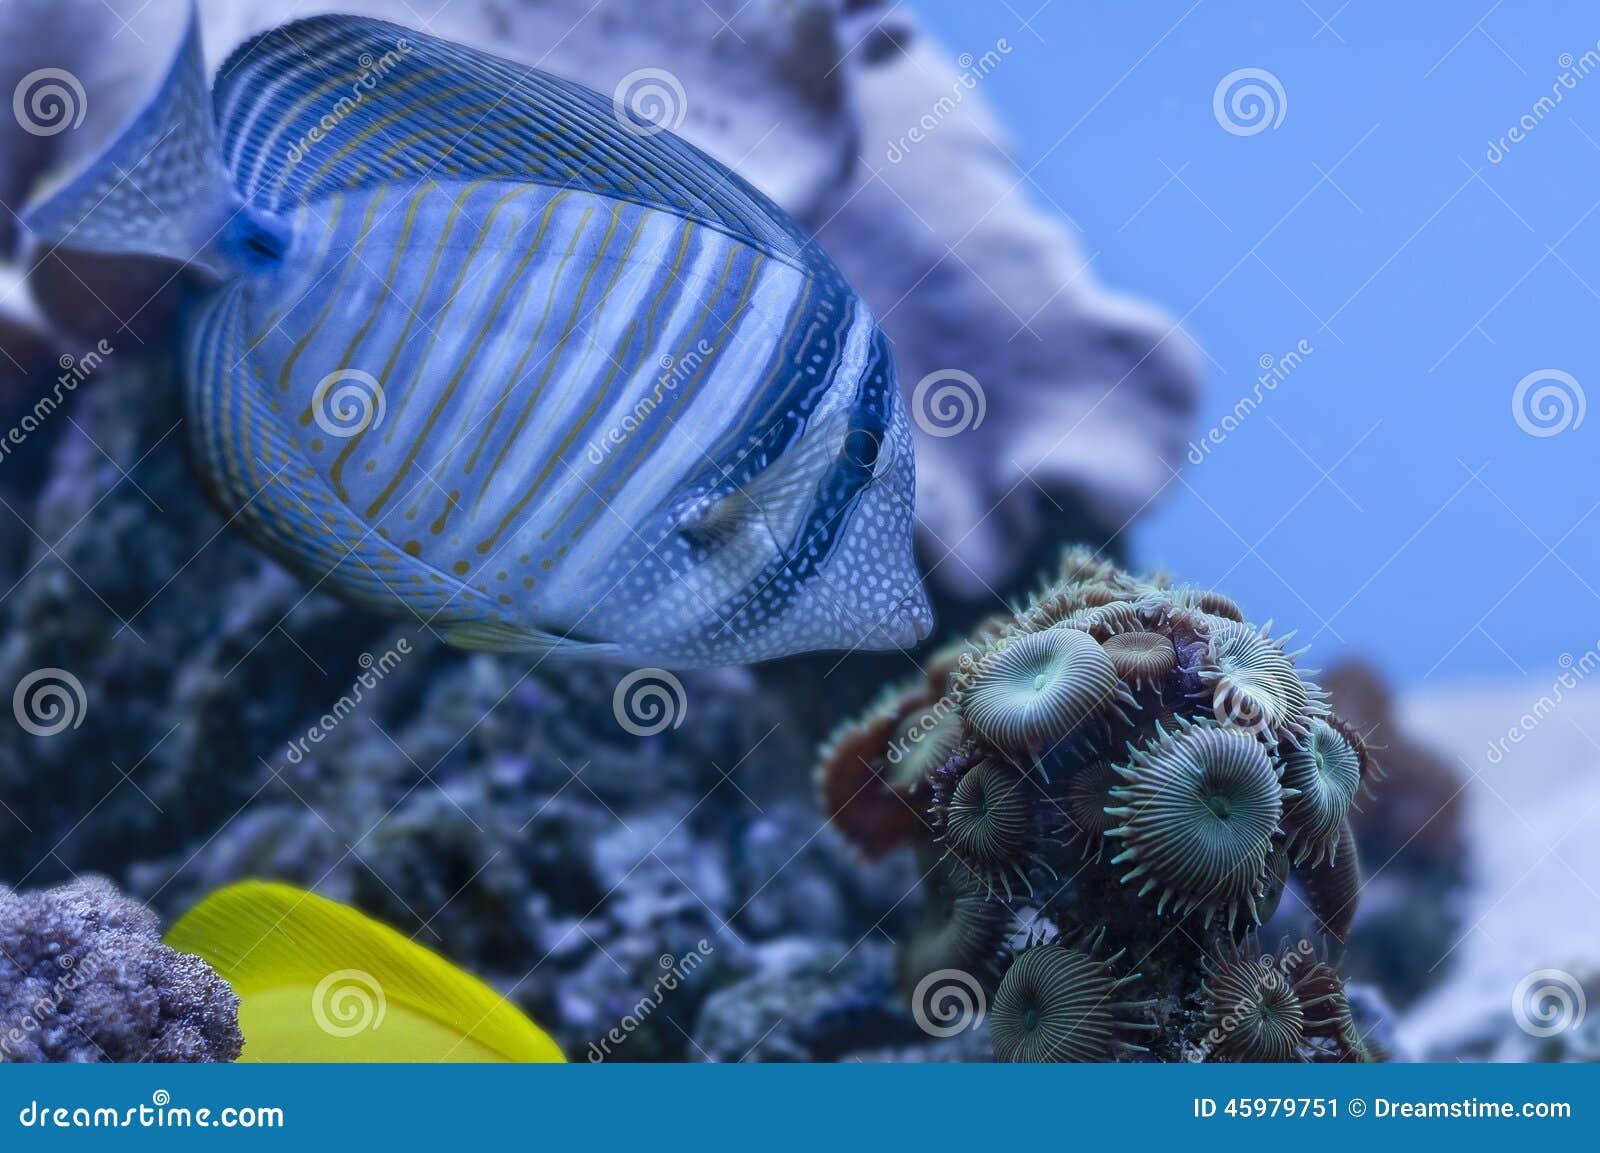 Blue Fish Stock Photo Image 45979751